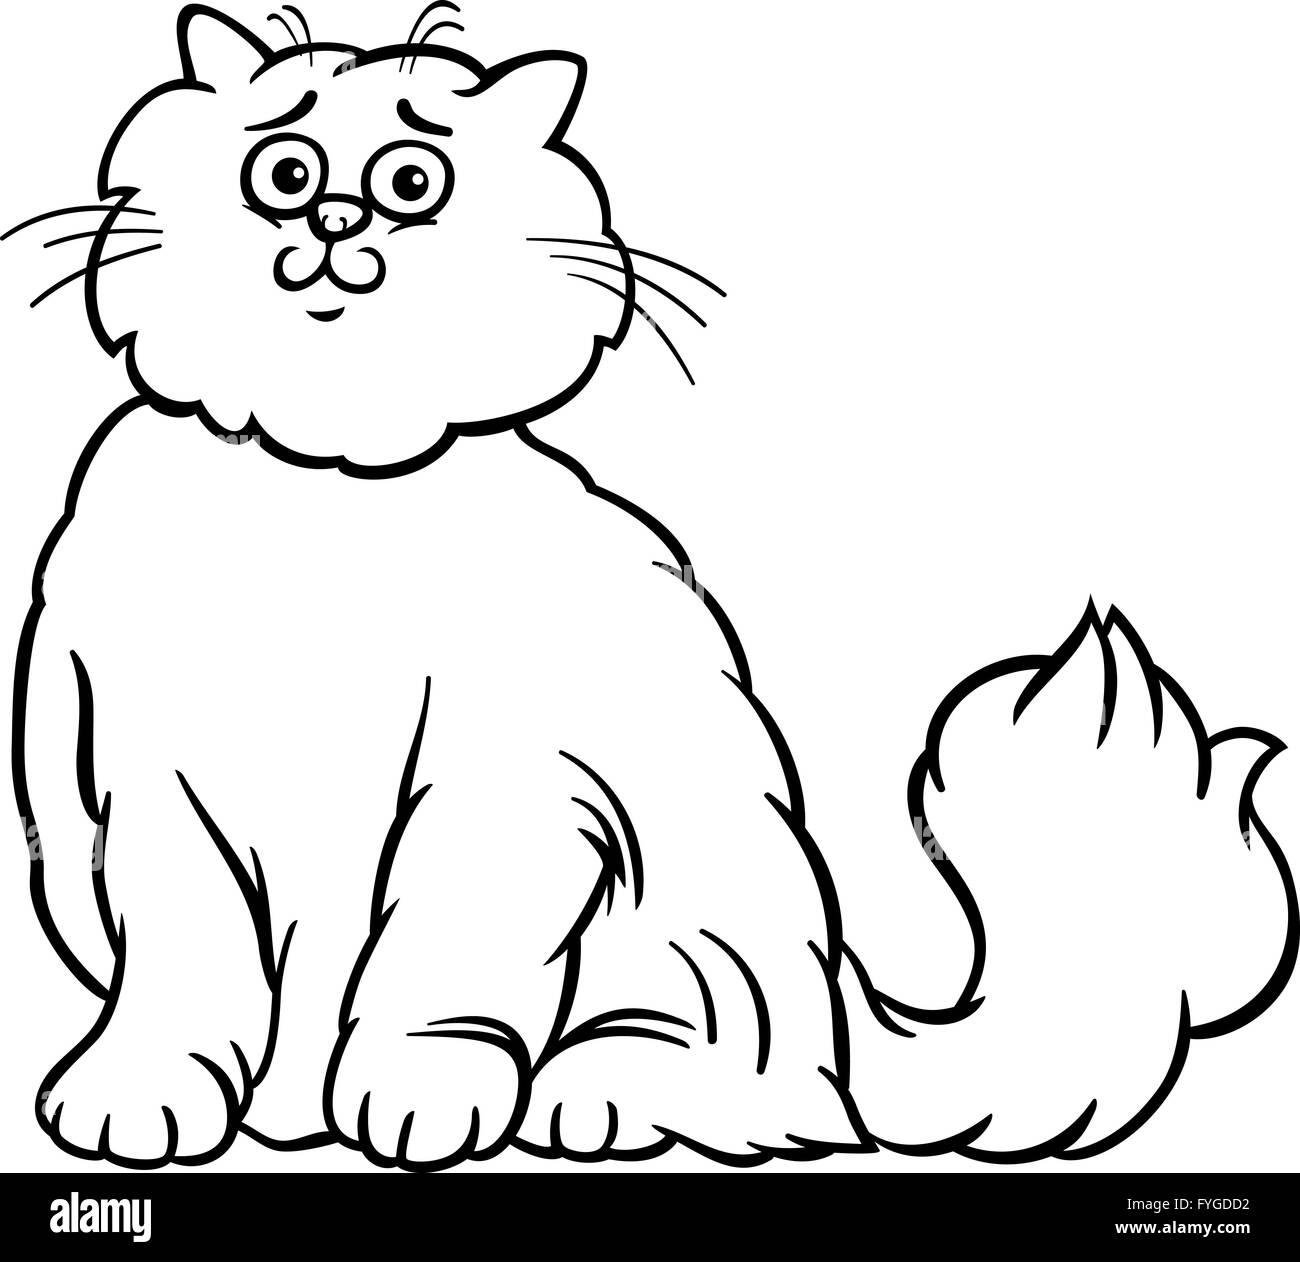 persische Katze Cartoon Malvorlagen Stockfoto, Bild: 103009342   Alamy